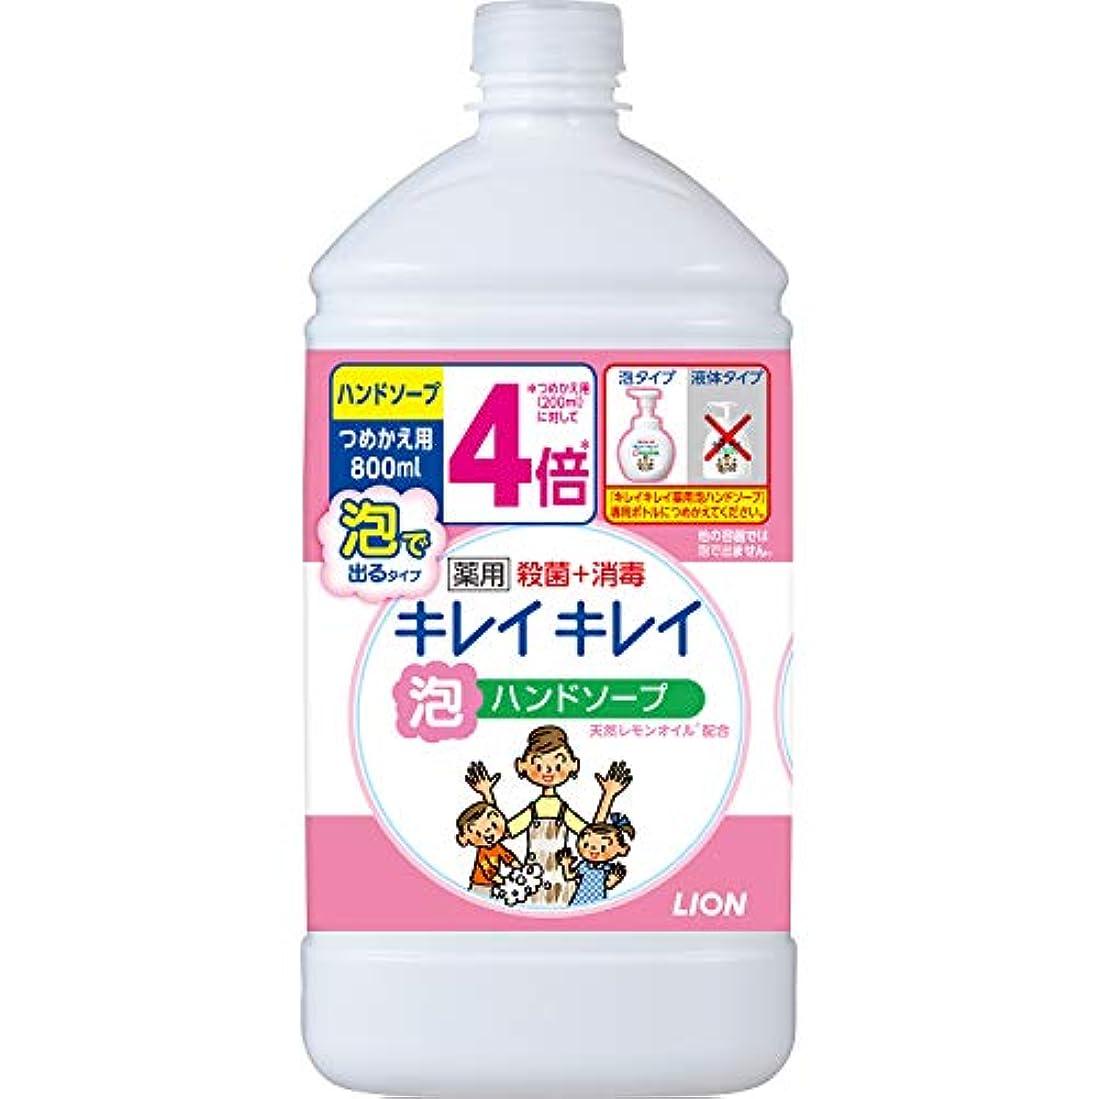 ハーフ管理しますアレルギー性(医薬部外品)【大容量】キレイキレイ 薬用 泡ハンドソープ シトラスフルーティの香り 詰替特大 800ml